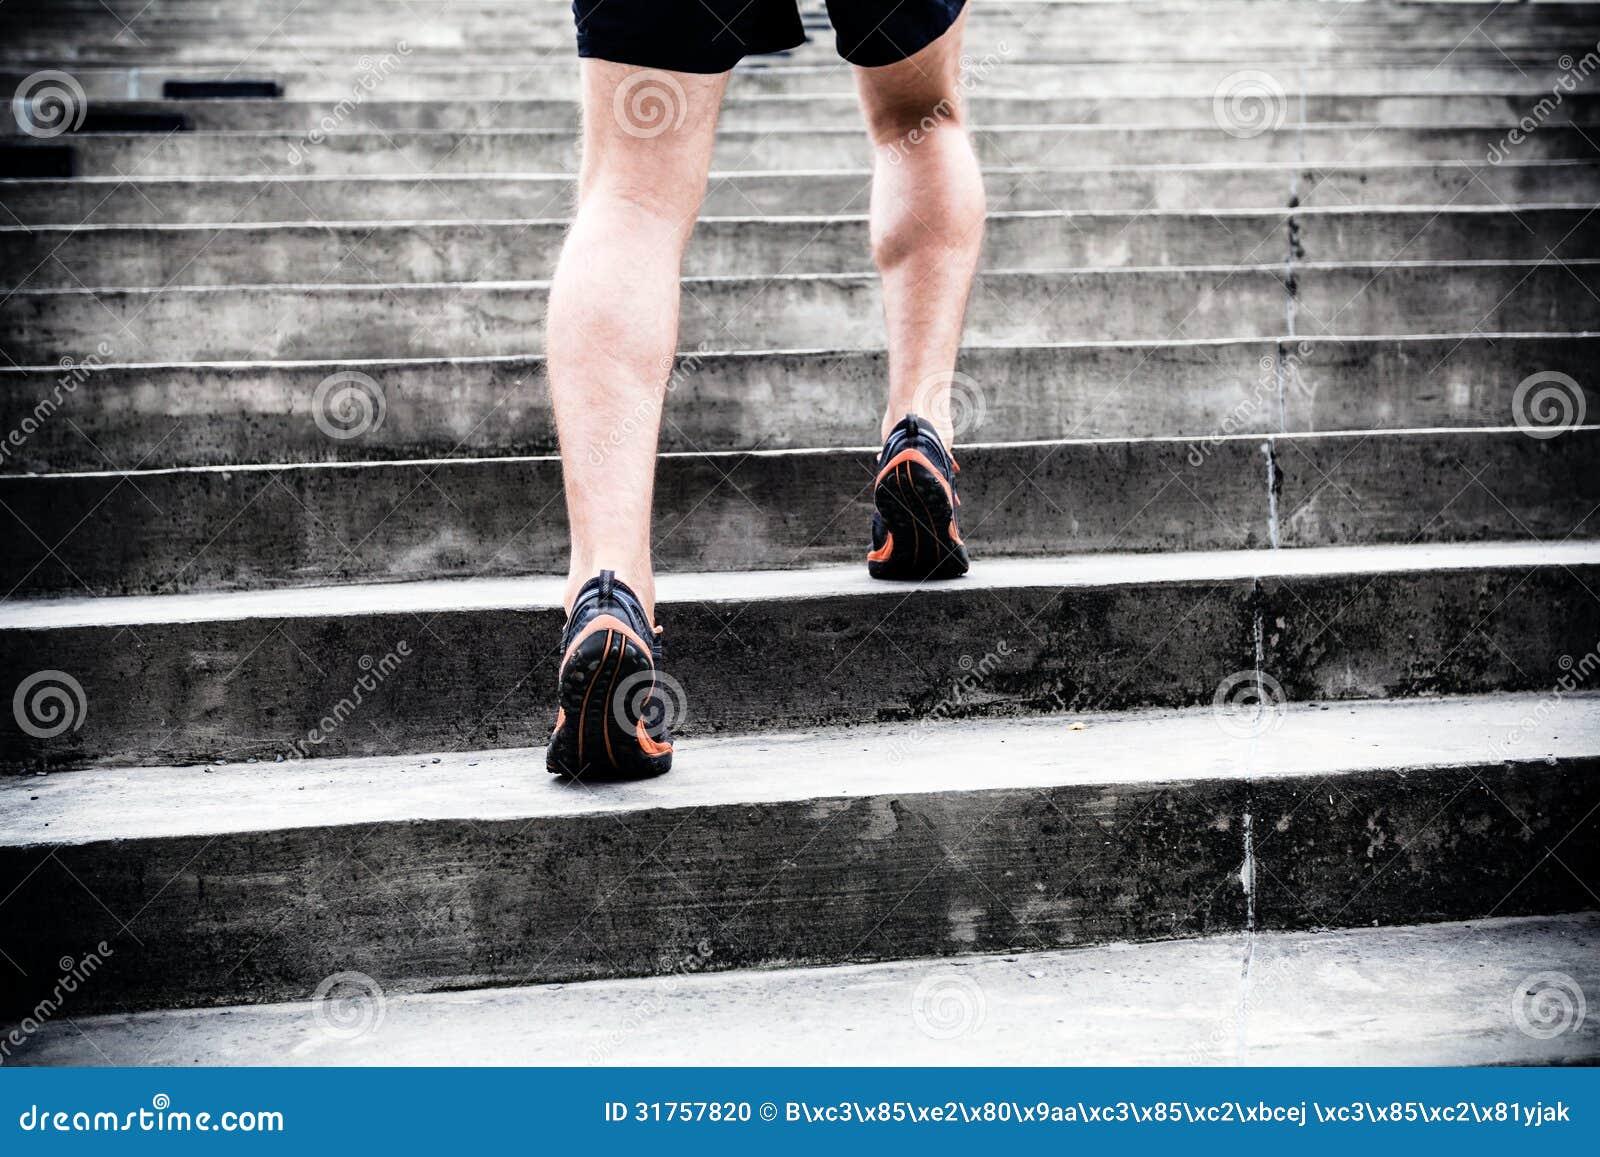 Jogger bieg na schodkach, sportów trenować